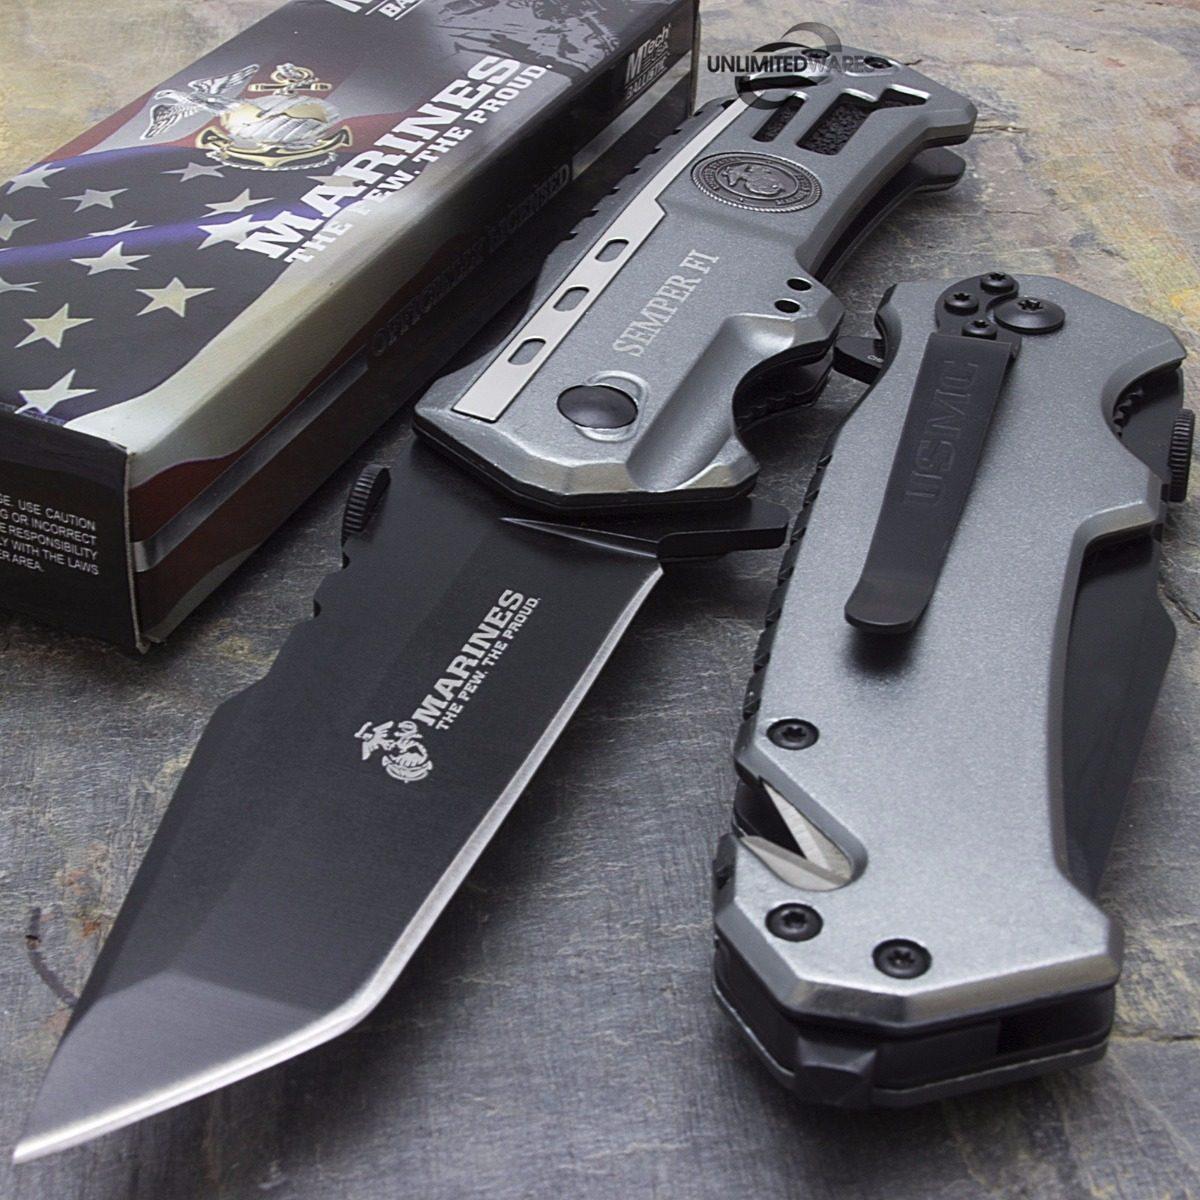 Cuchillo t ctico mtech usa marines navaja usmc regalo a1 for Clases de cuchillos de mesa